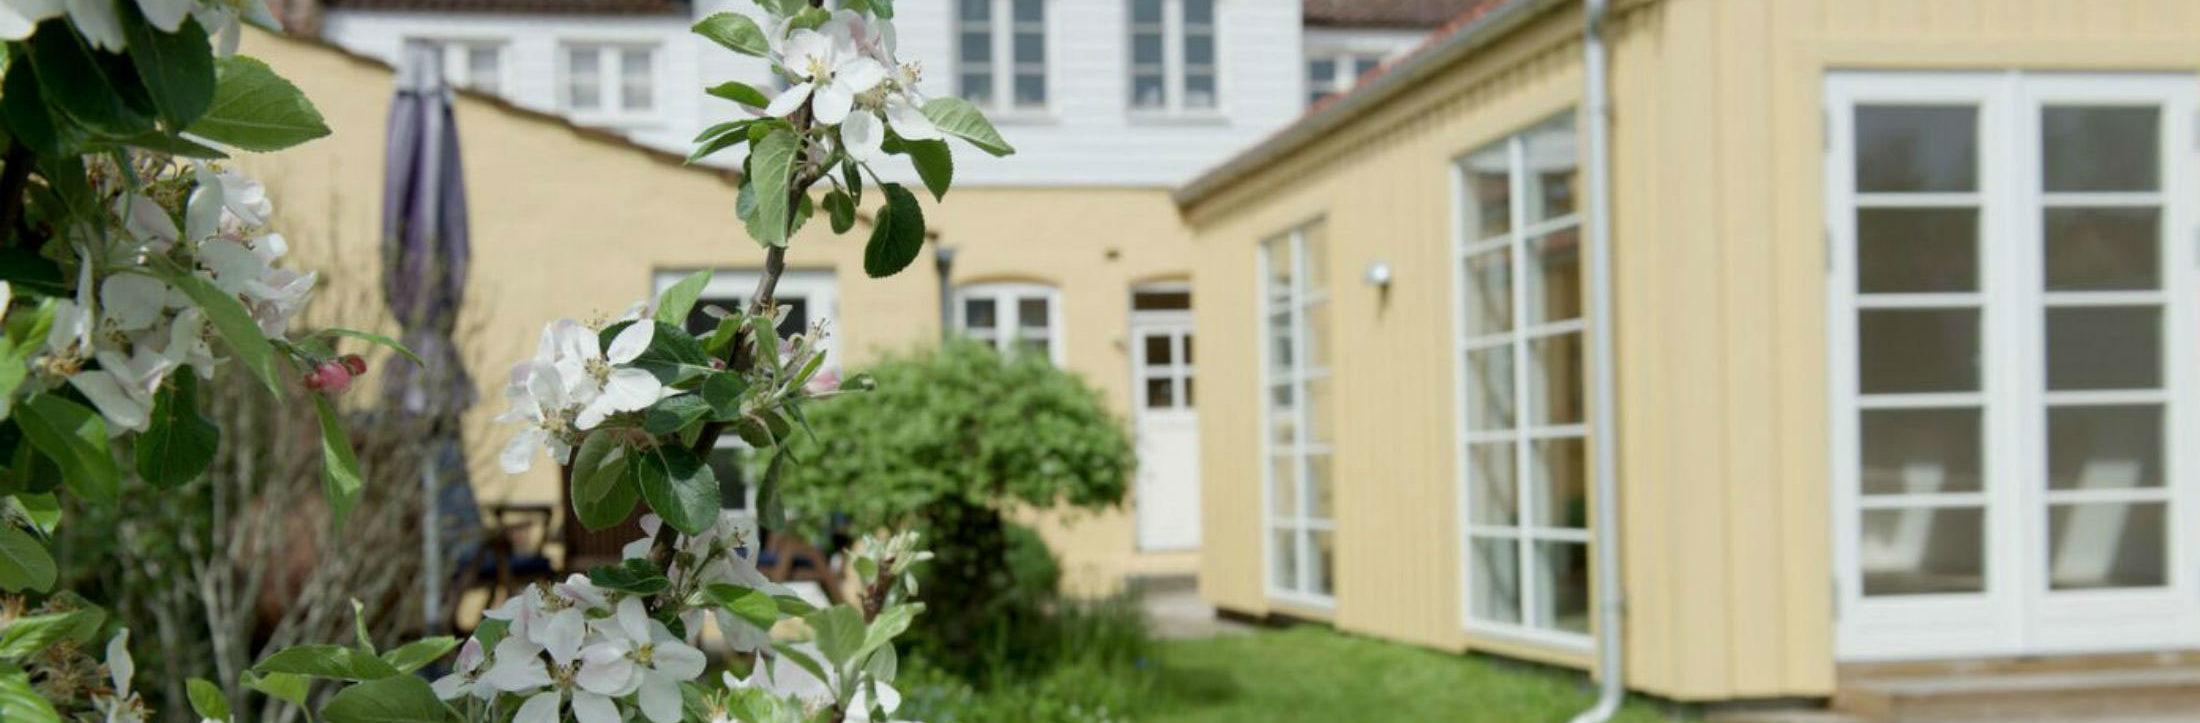 Indre ro Odense udendørs